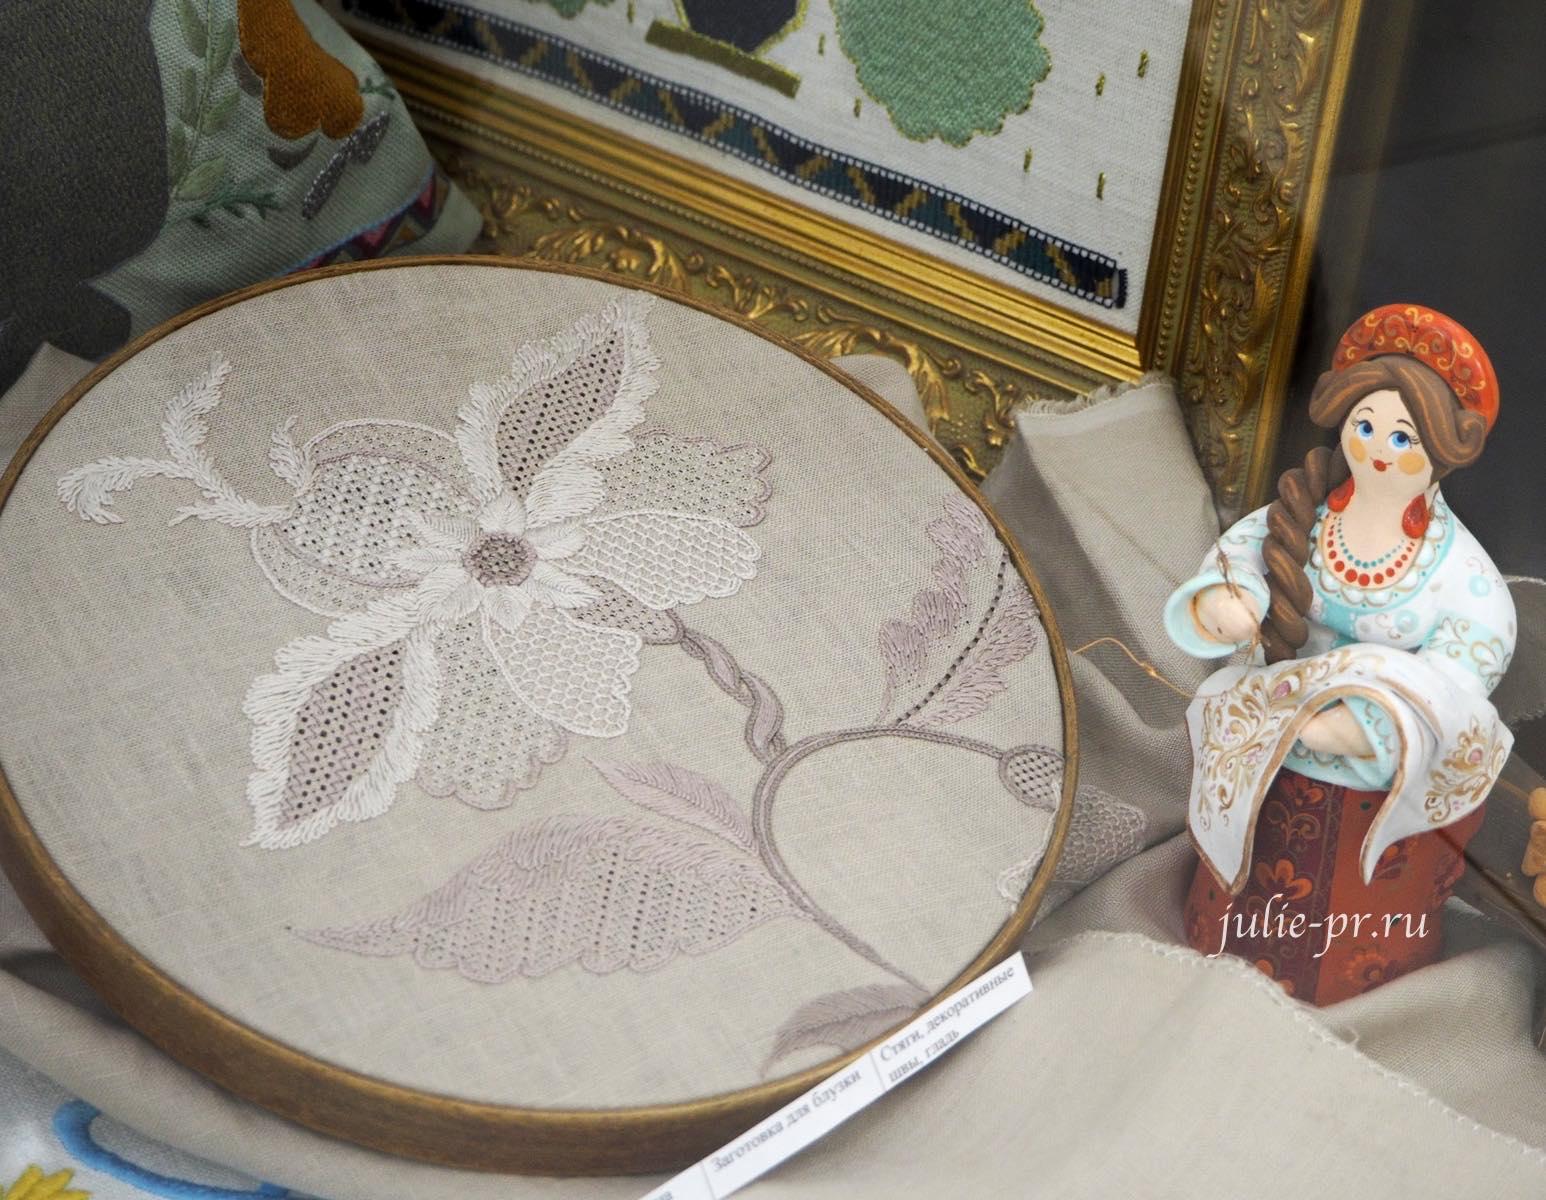 Процесс вышивки, стяги, декоративные швы, вышивка гладью, выставка, Иголочка тонка, да достаёт до сердца, Санкт-Петербург,